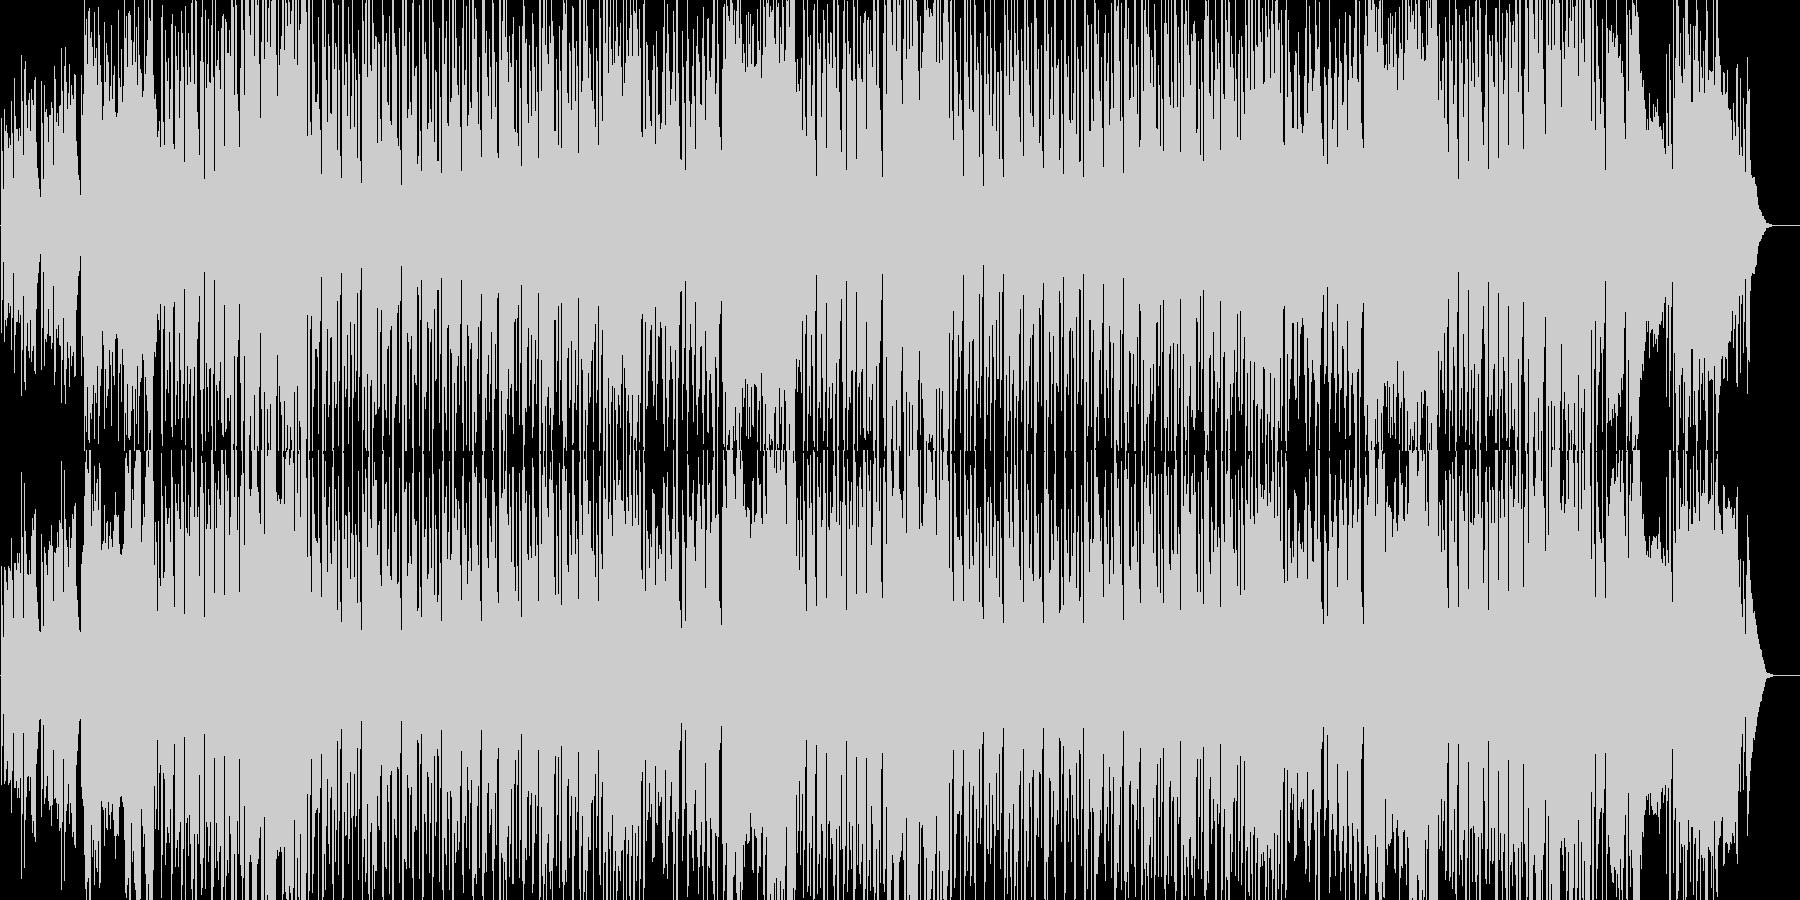 フレンチ/ワルツ/楽しい/軽快/賑やかの未再生の波形